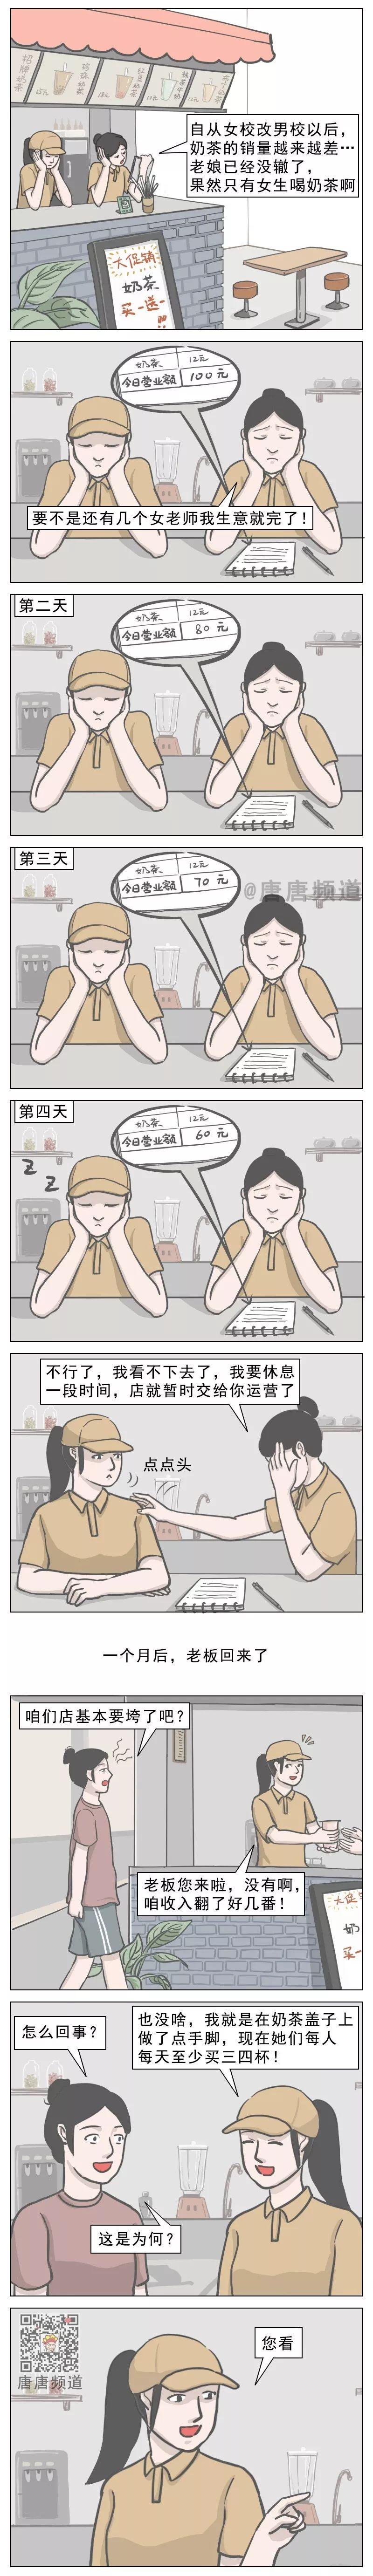 男校奶茶营业额飙升诡异事件!(第88期)